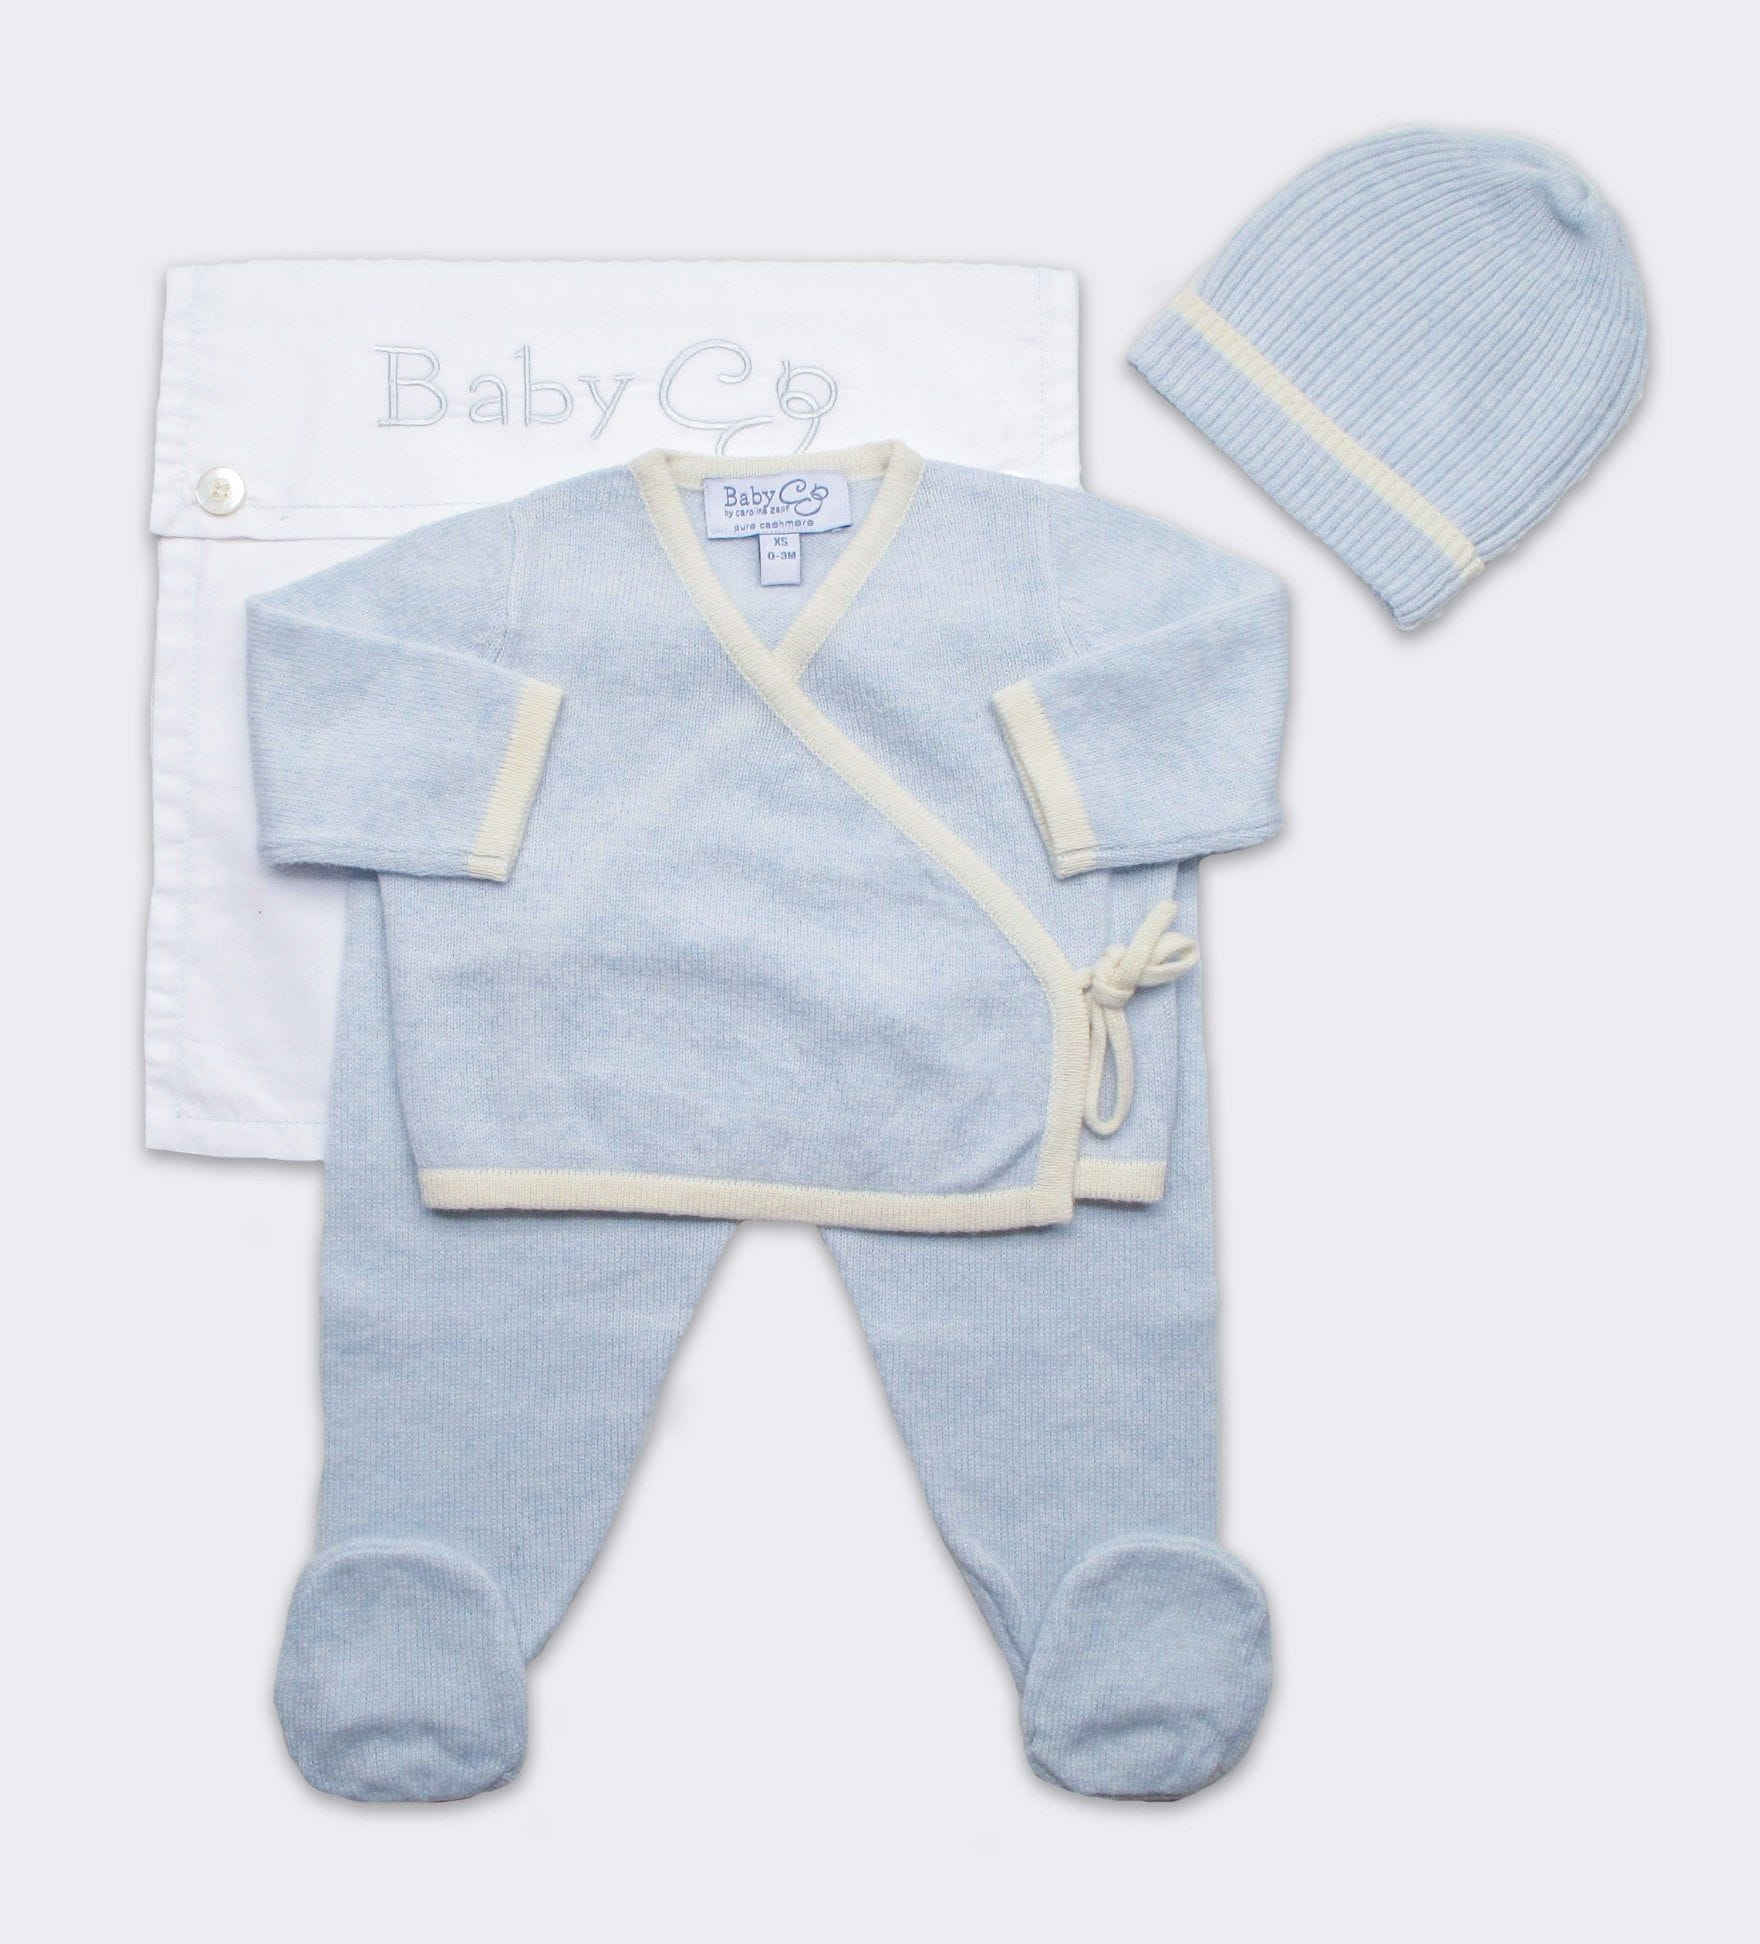 Cashmere Kimono Wrap Set in Blue and Creme